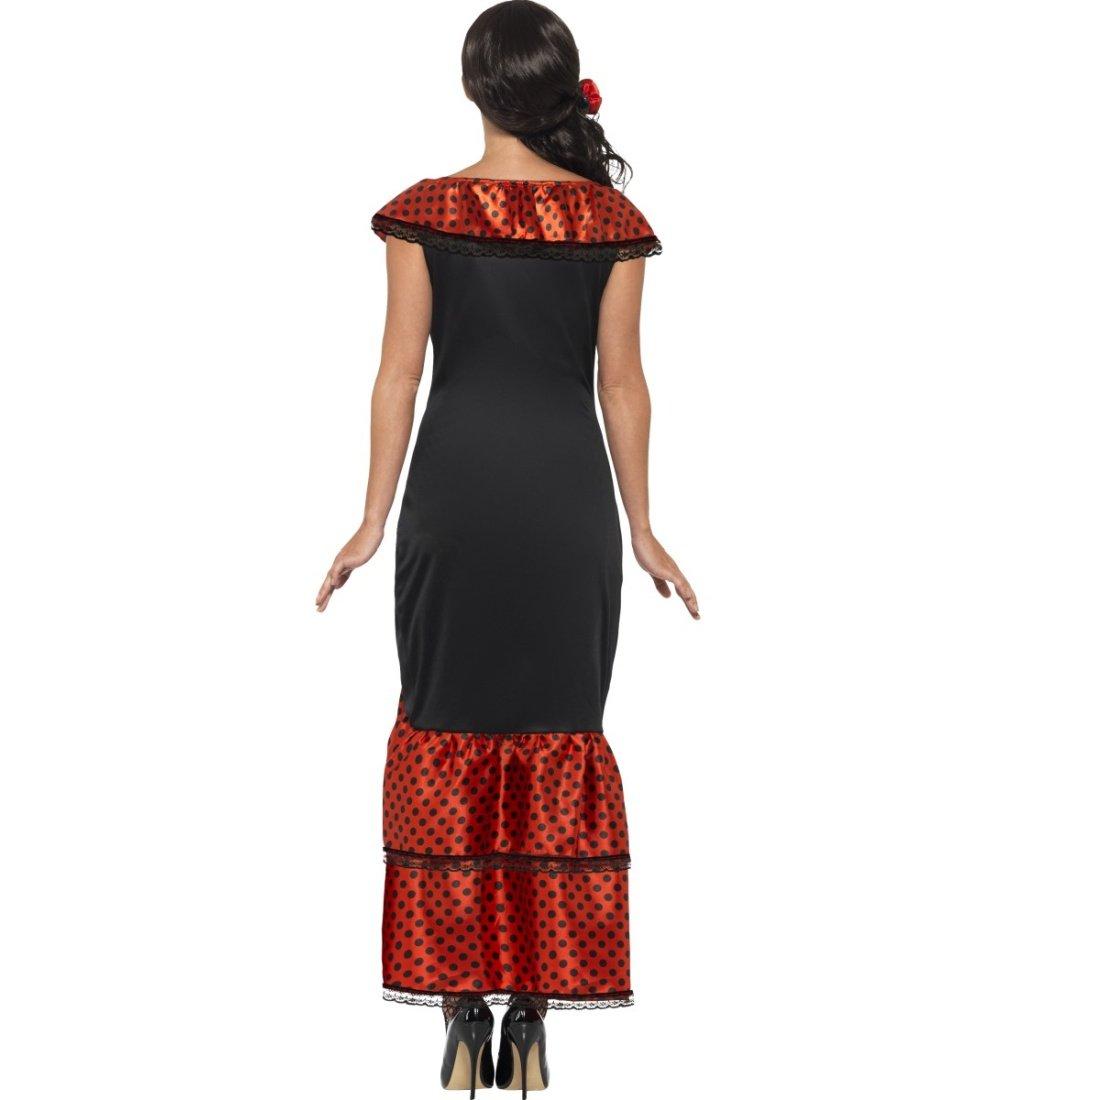 Vestido flamenca Carmen Traje típico español S 36/38 Outfit señorita Ropa bailaora española Atuendo andaluz Caracterización carnaval mujer: Amazon.es: ...